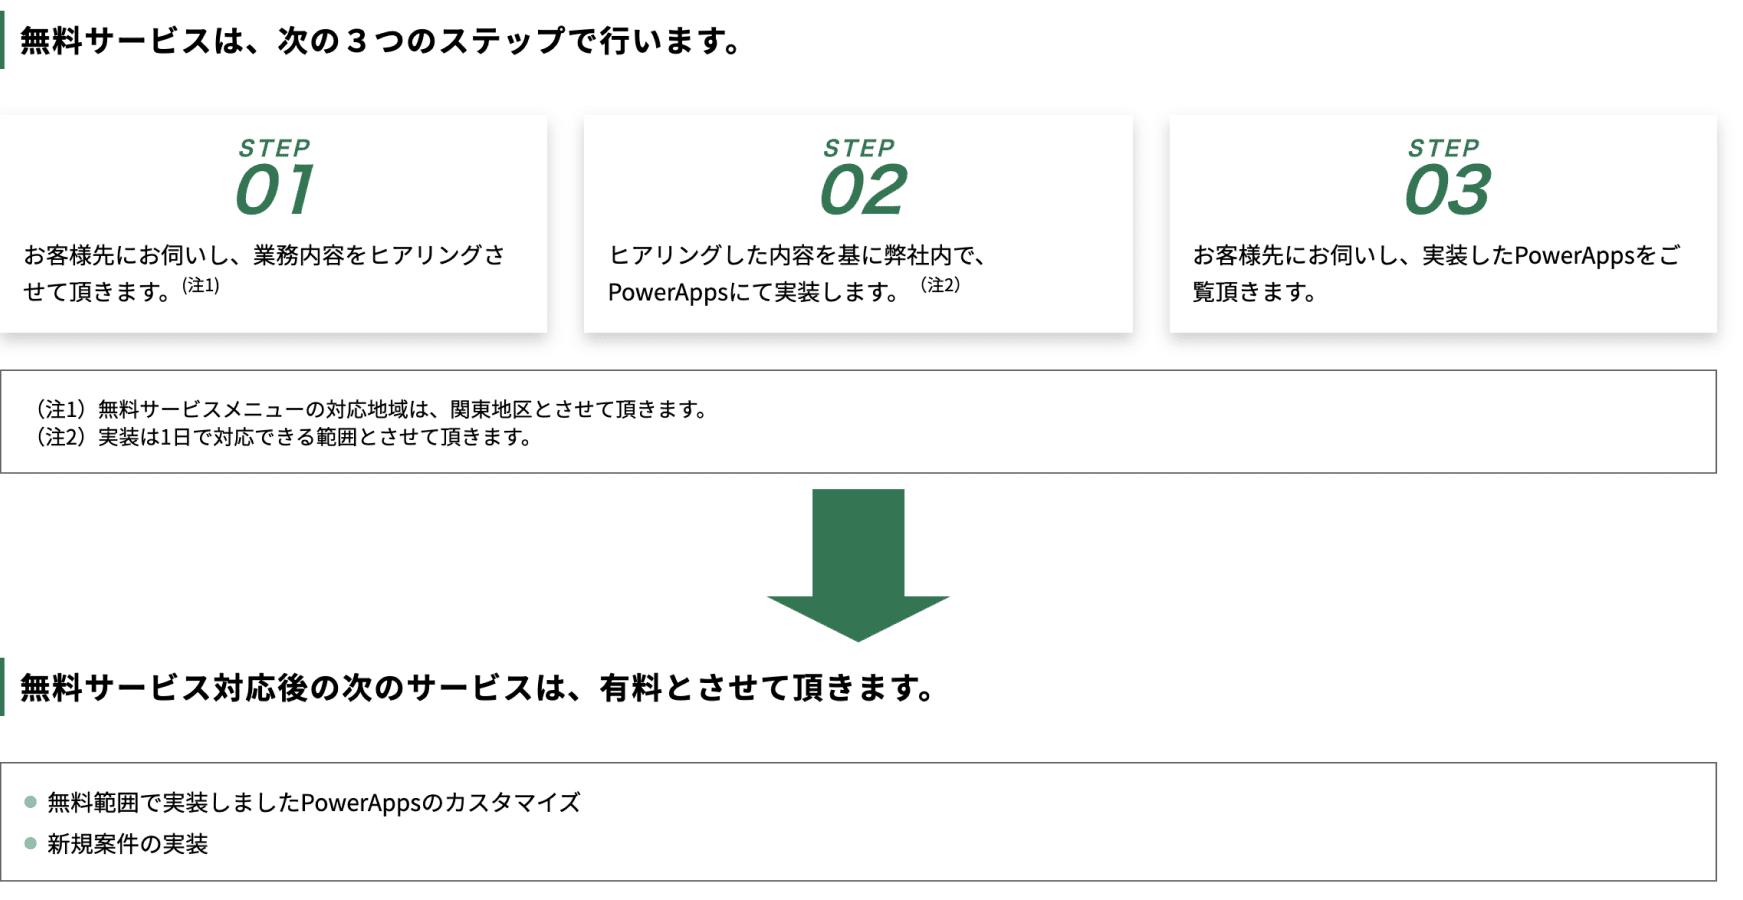 株式会社QESのサービス内容のスクリーンショット